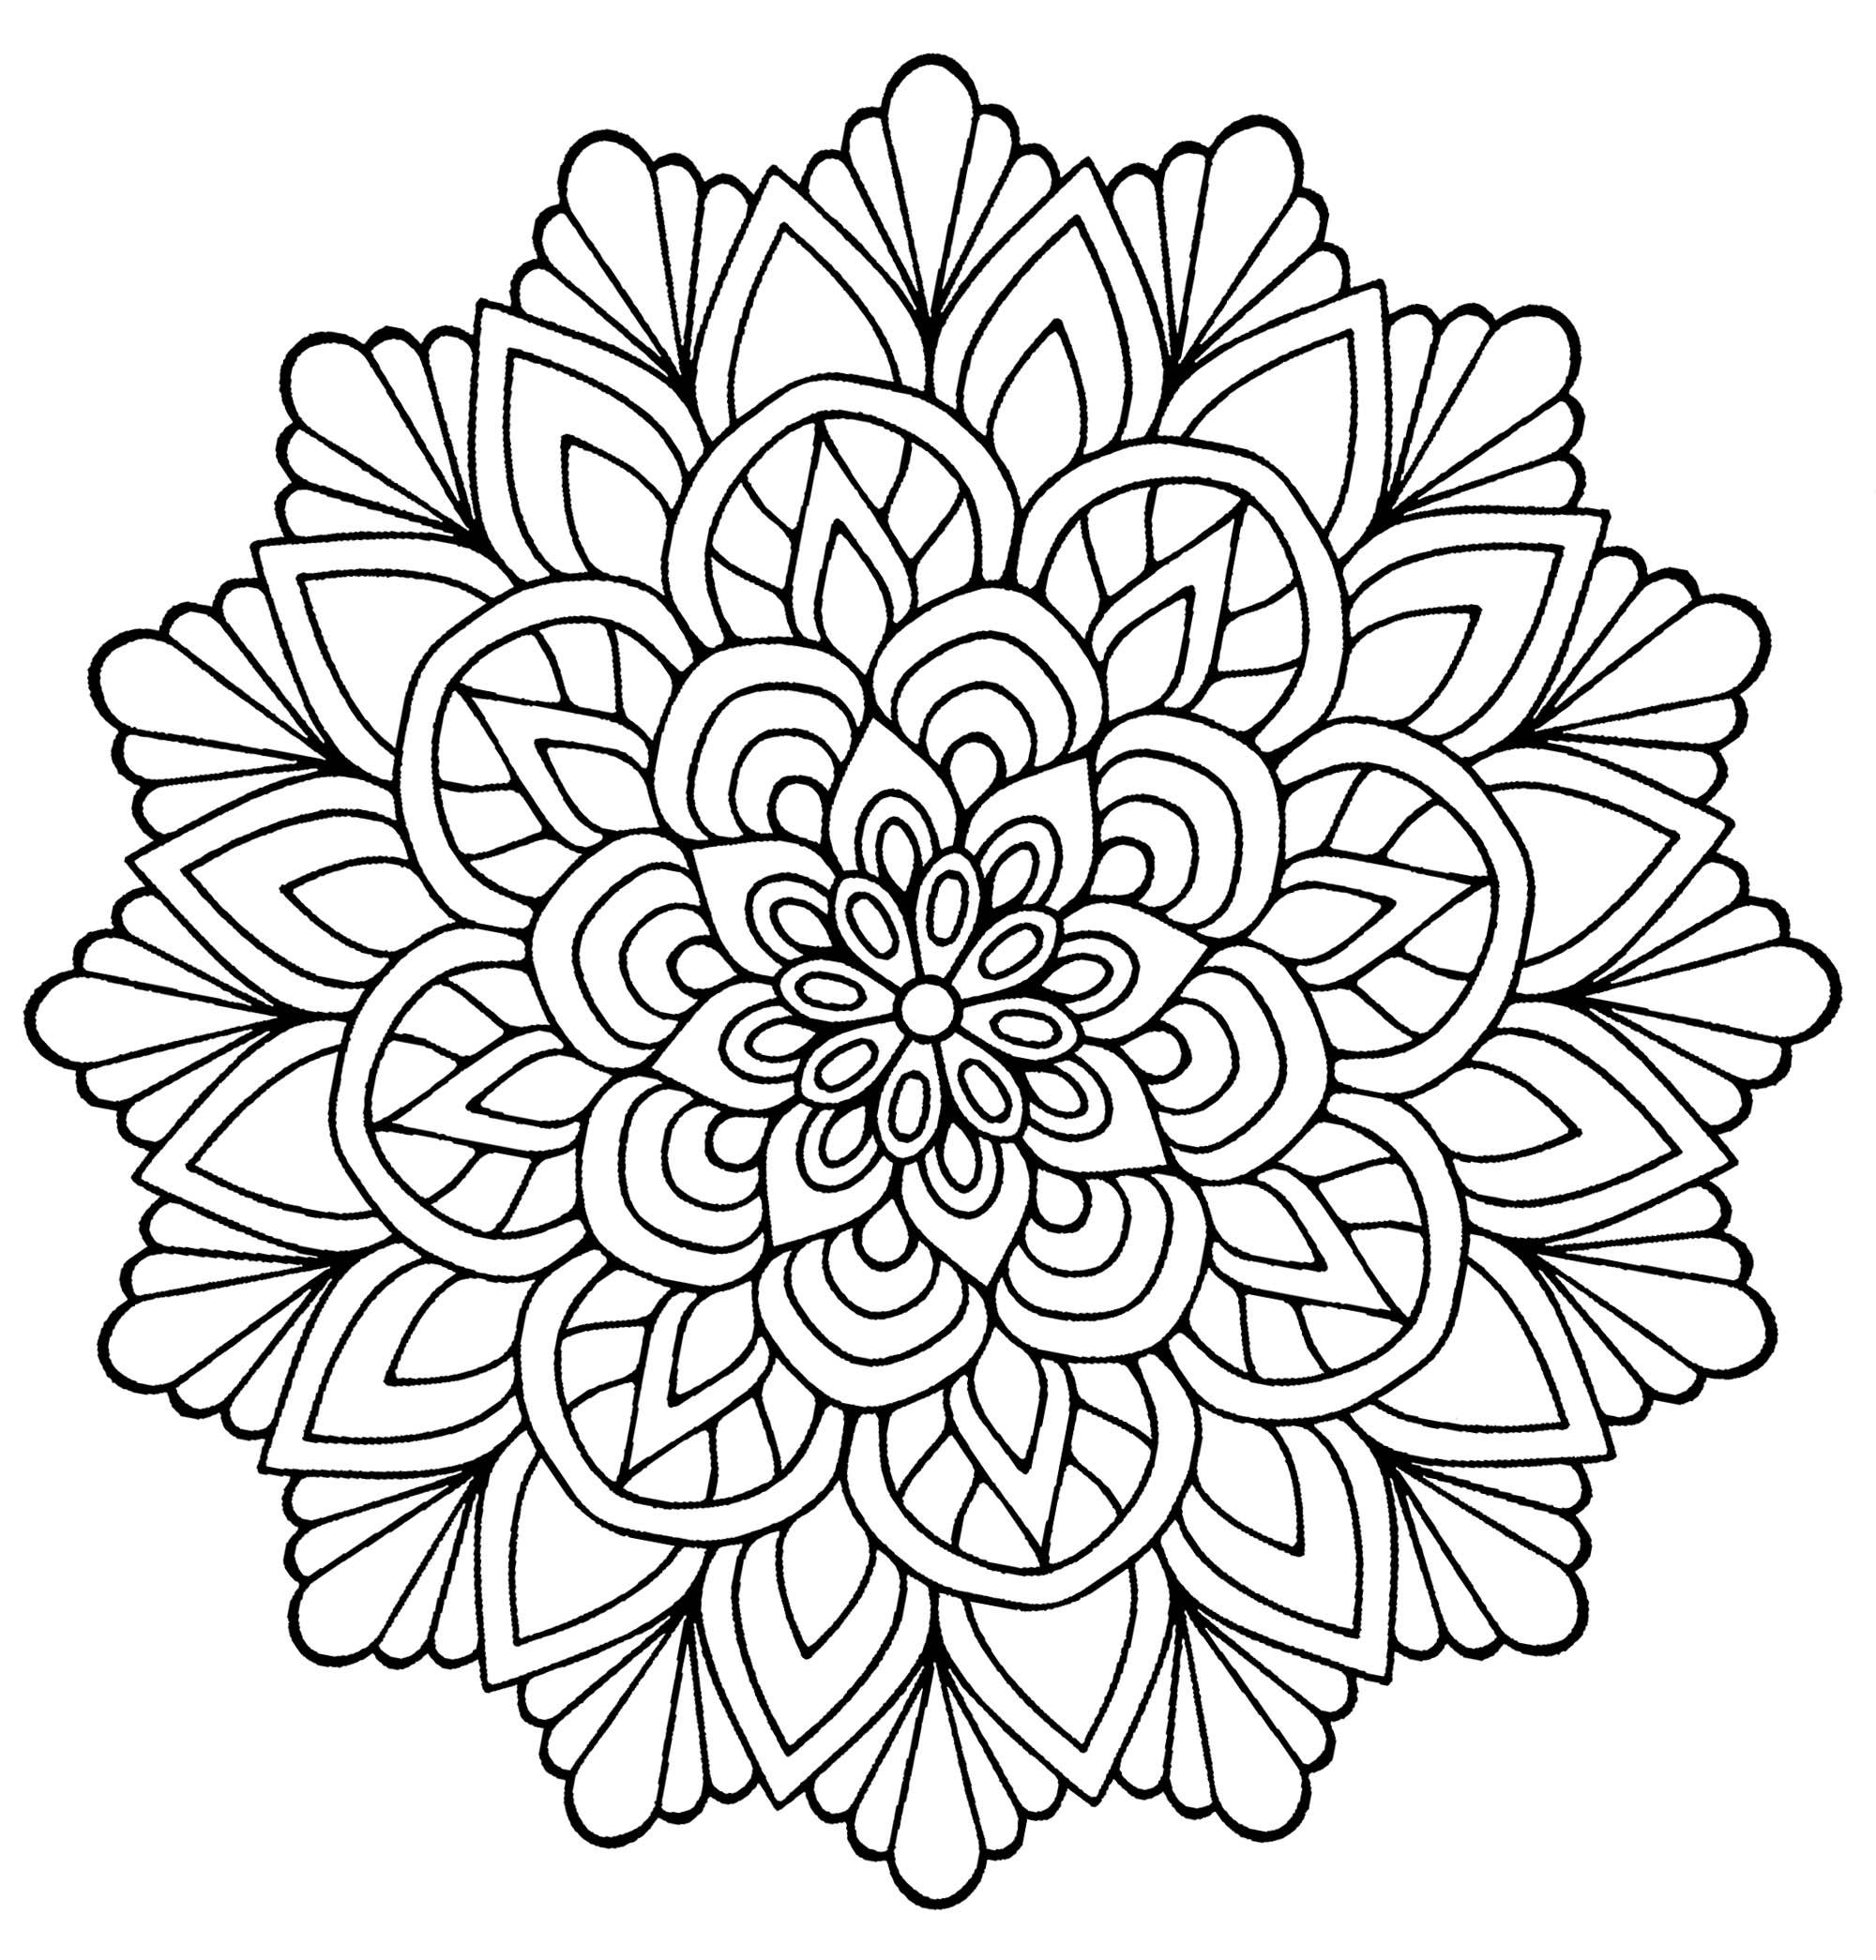 Mandala facile avec feuilles mandalas de difficult normale 100 mandalas zen anti stress - Mandala facile ...